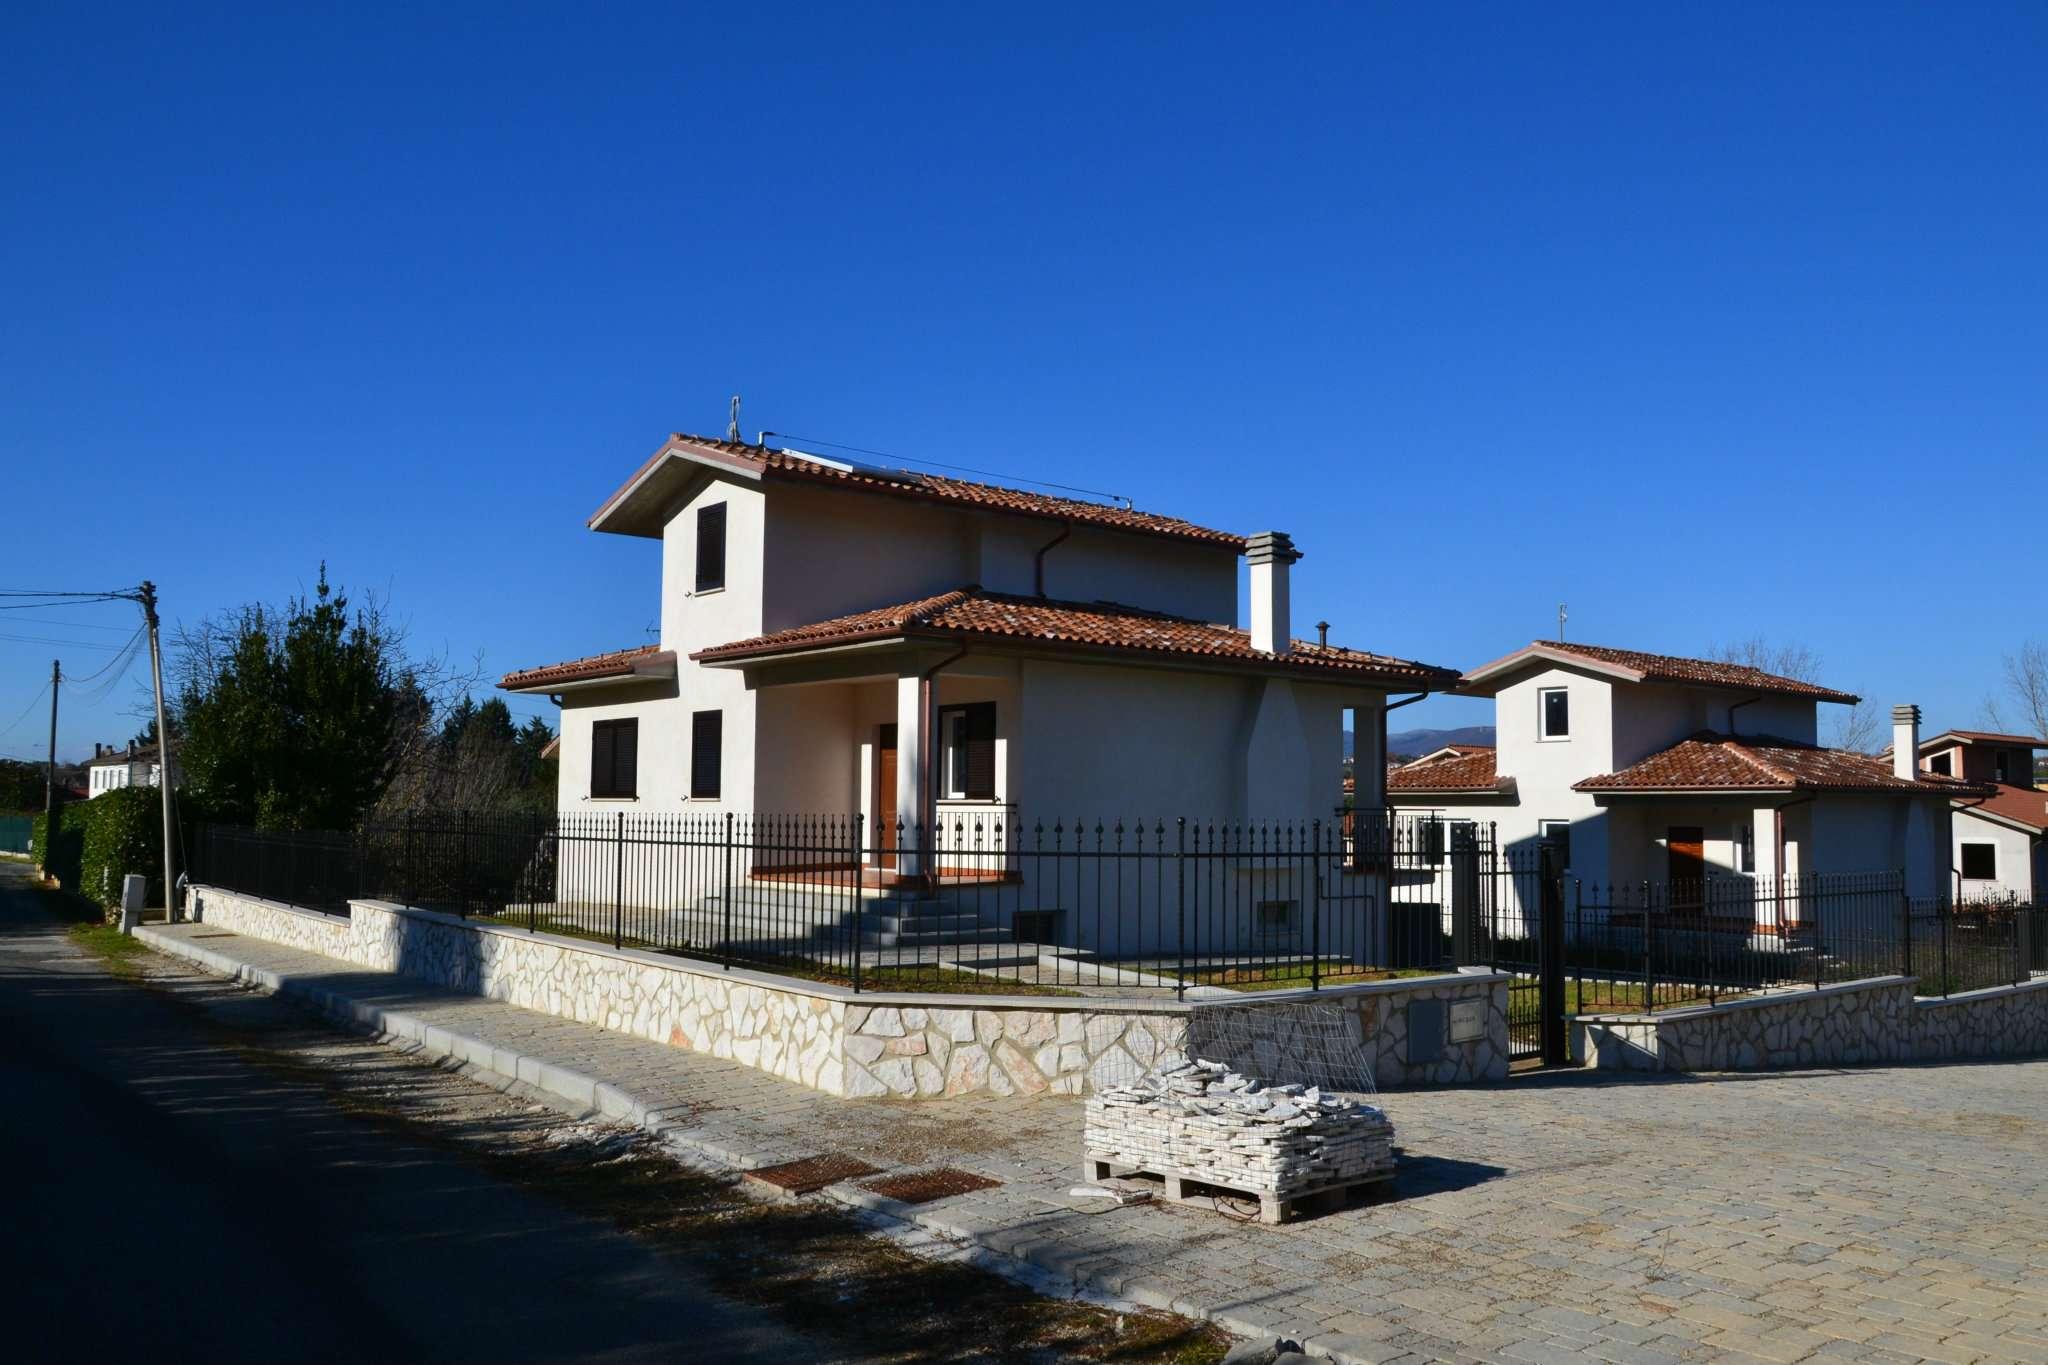 Villa in vendita a Scandriglia, 4 locali, prezzo € 244.000 | Cambio Casa.it